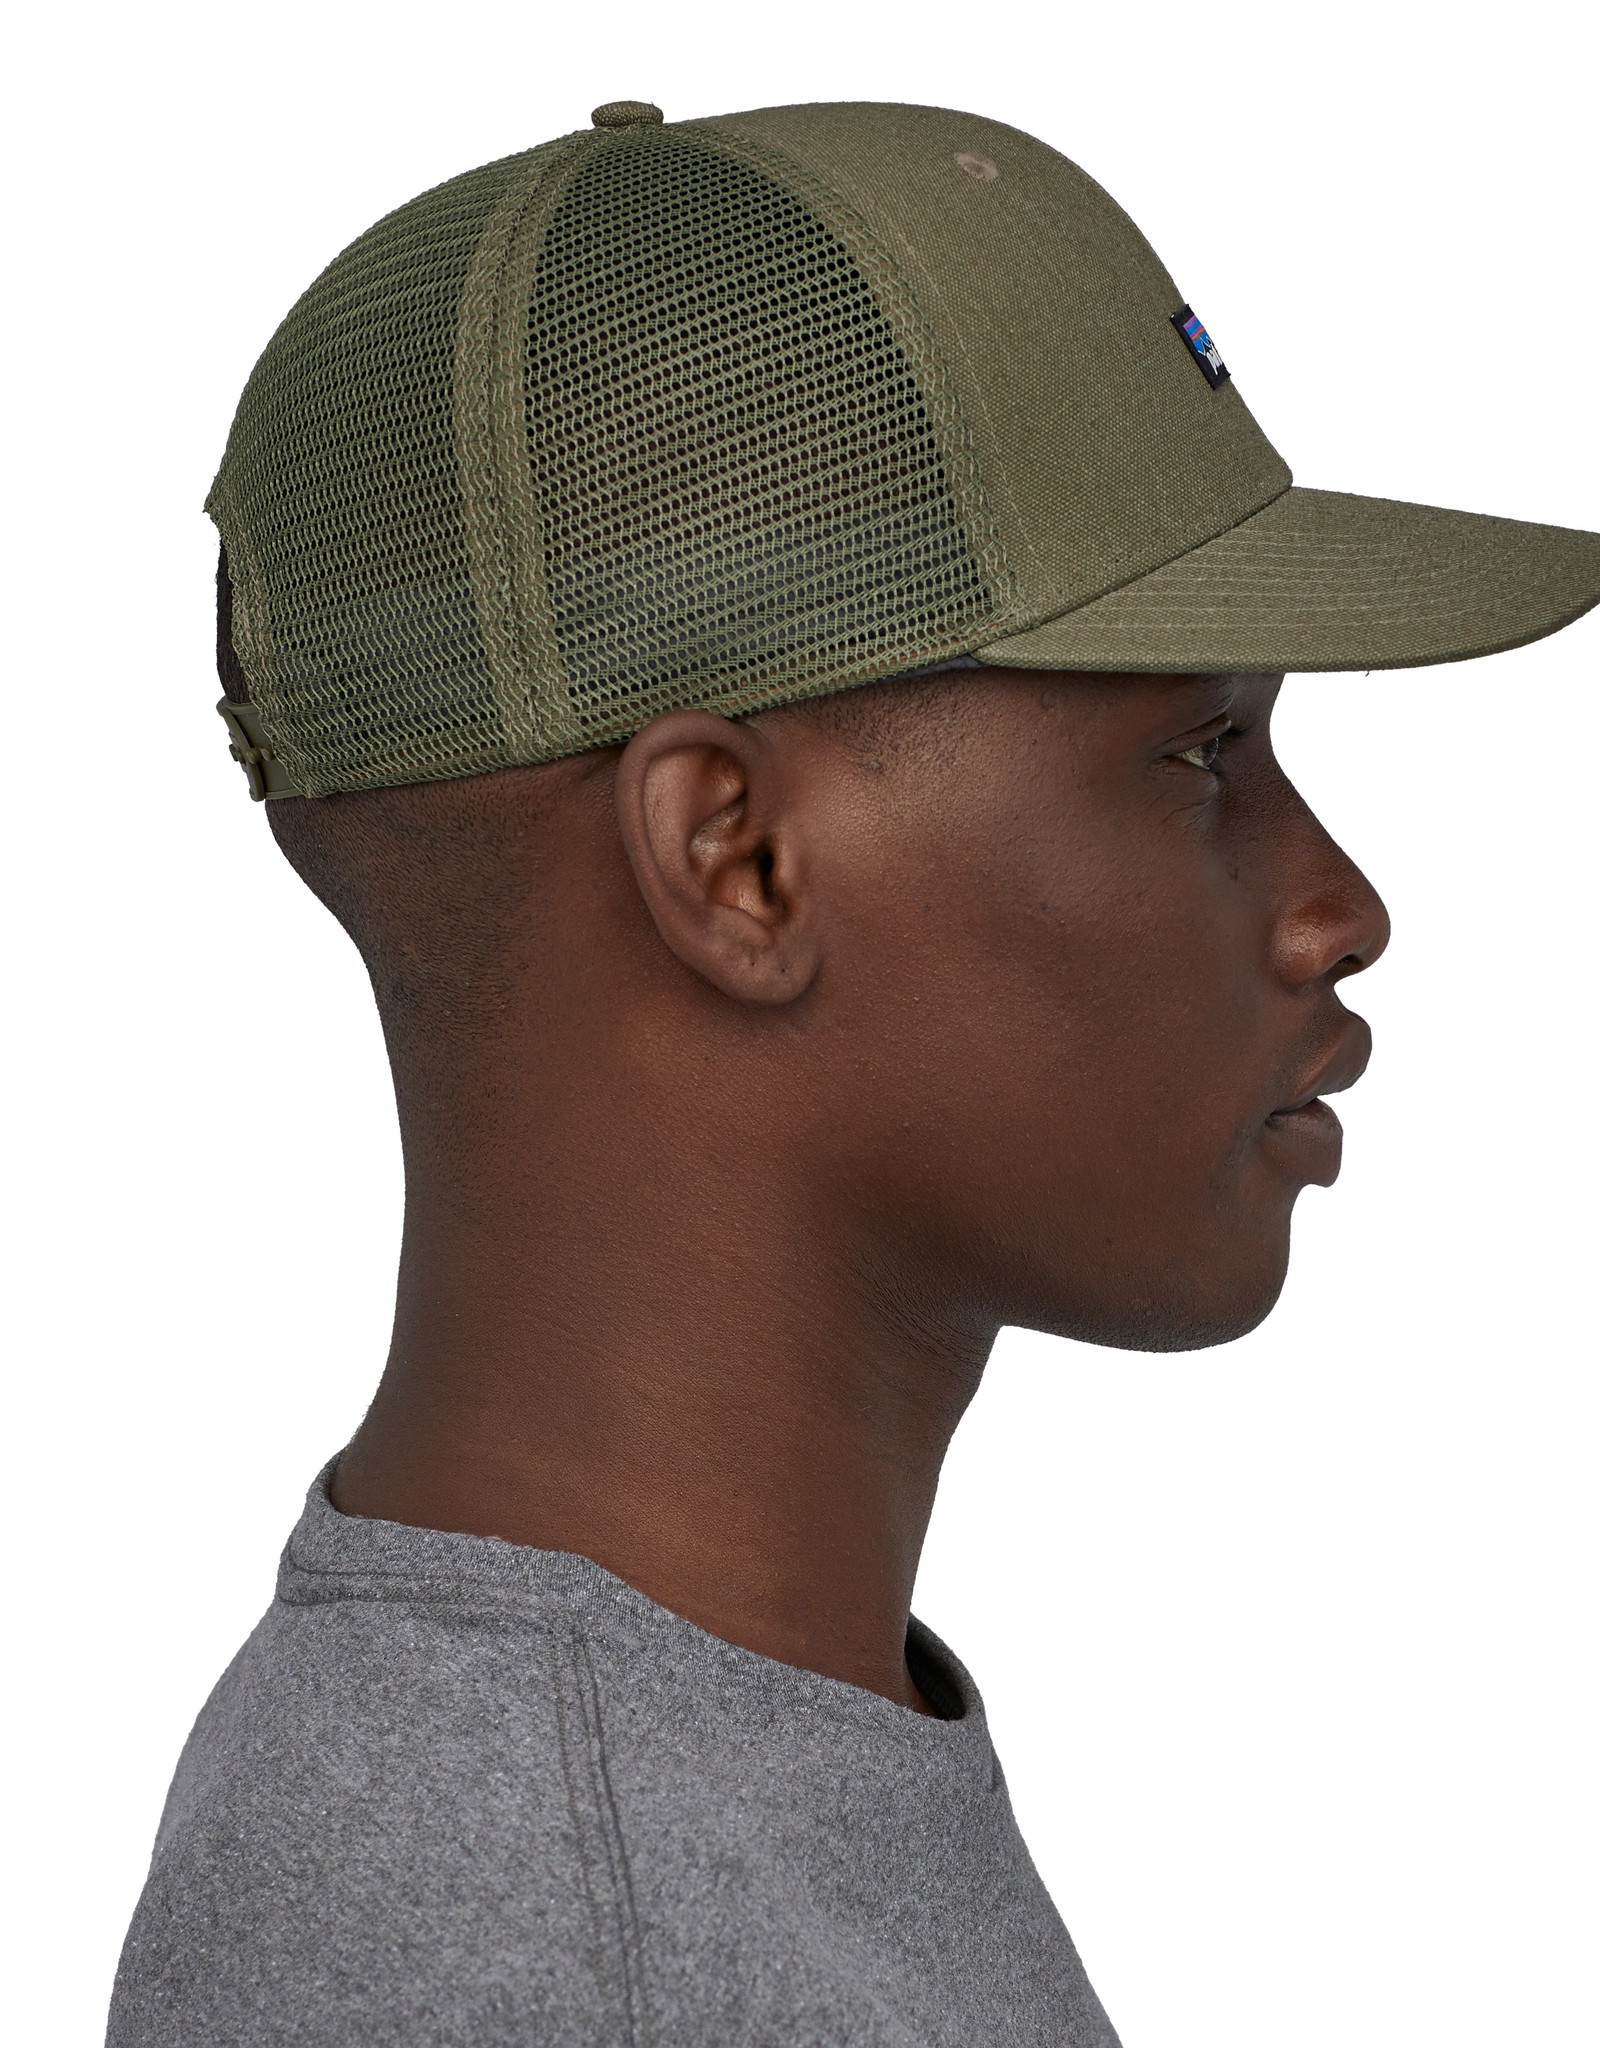 patagonia Tin Shed Mesh cap (ref 33381)